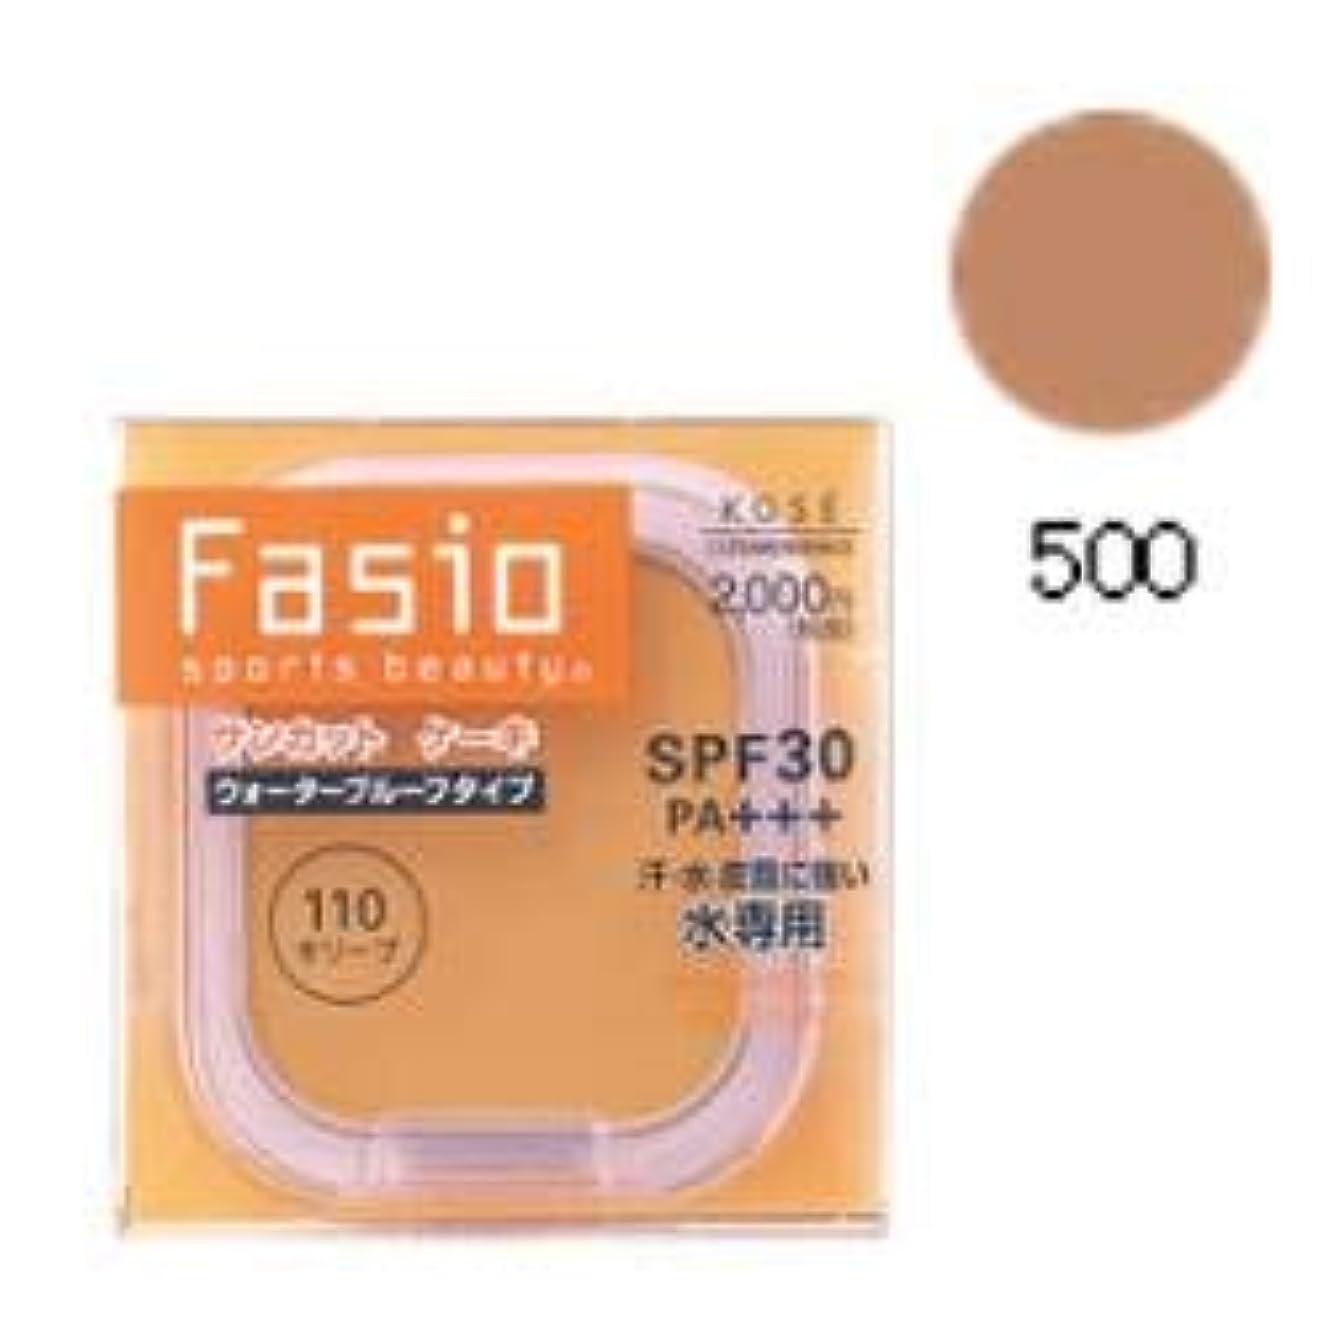 アジテーション代表団大使館コーセー Fasio ファシオ サンカット ケーキ 詰め替え用 500